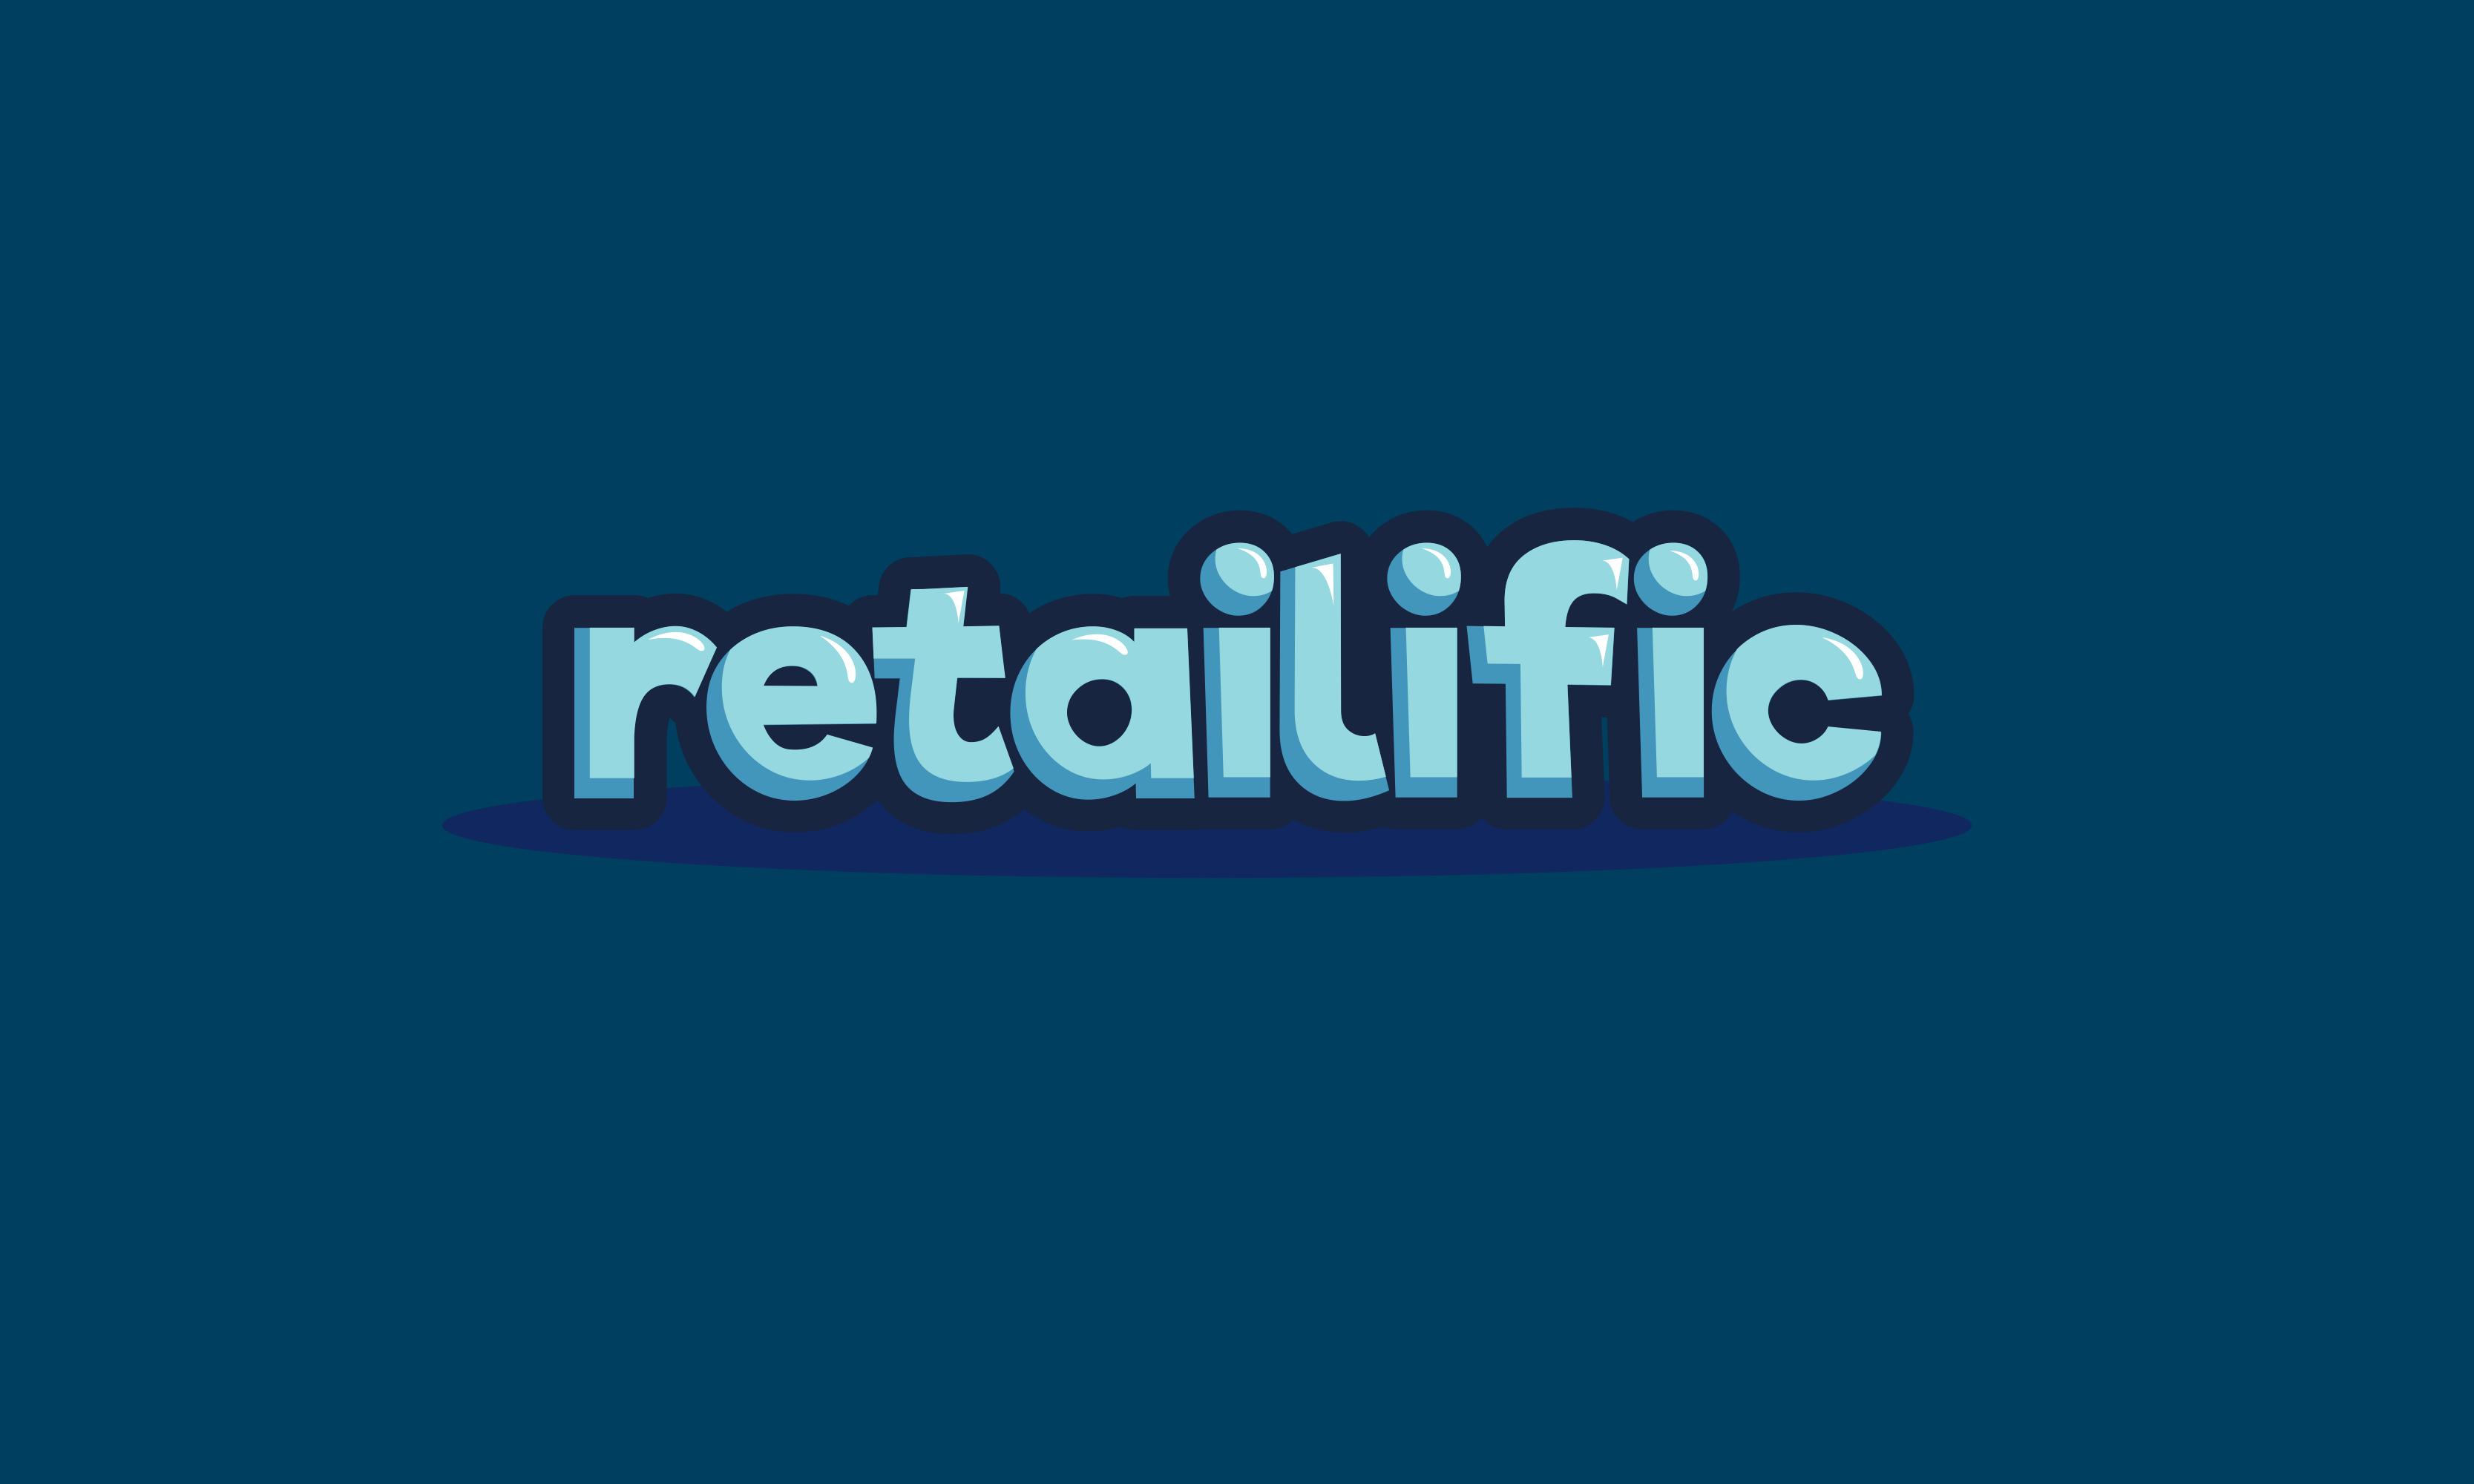 Retailific